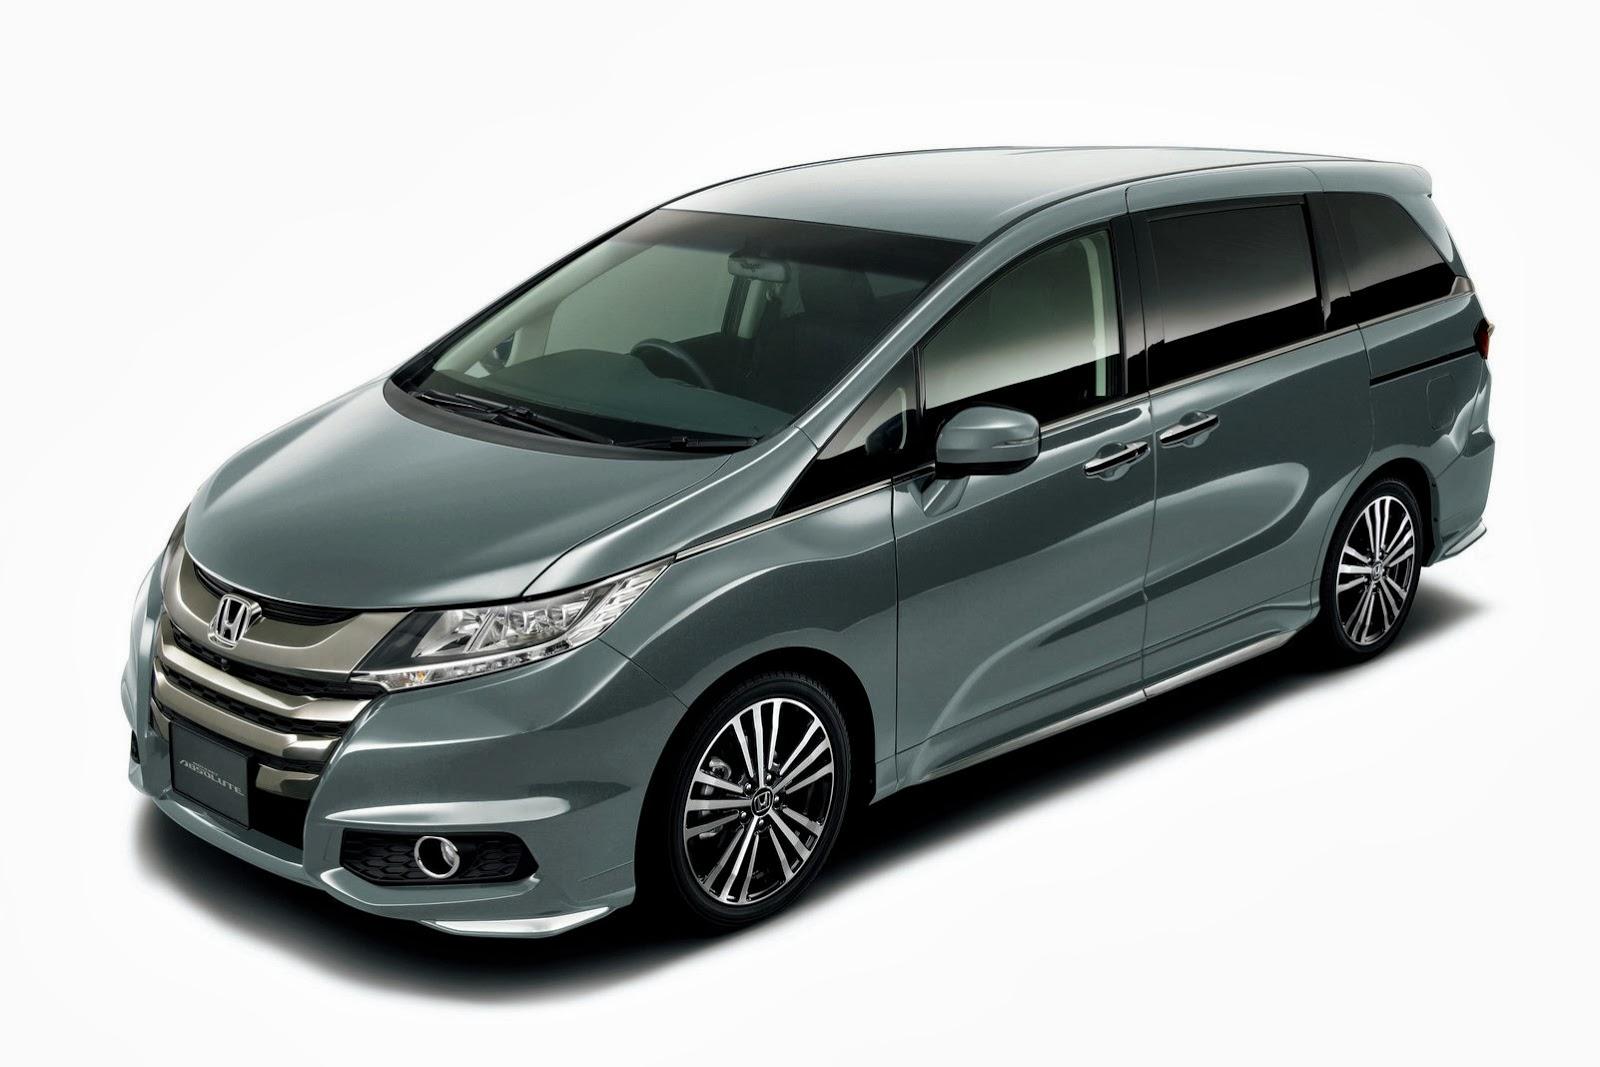 Honda Accord 2018 Spec >> Honda Prelude News And Reviews Autoblog | Autos Post